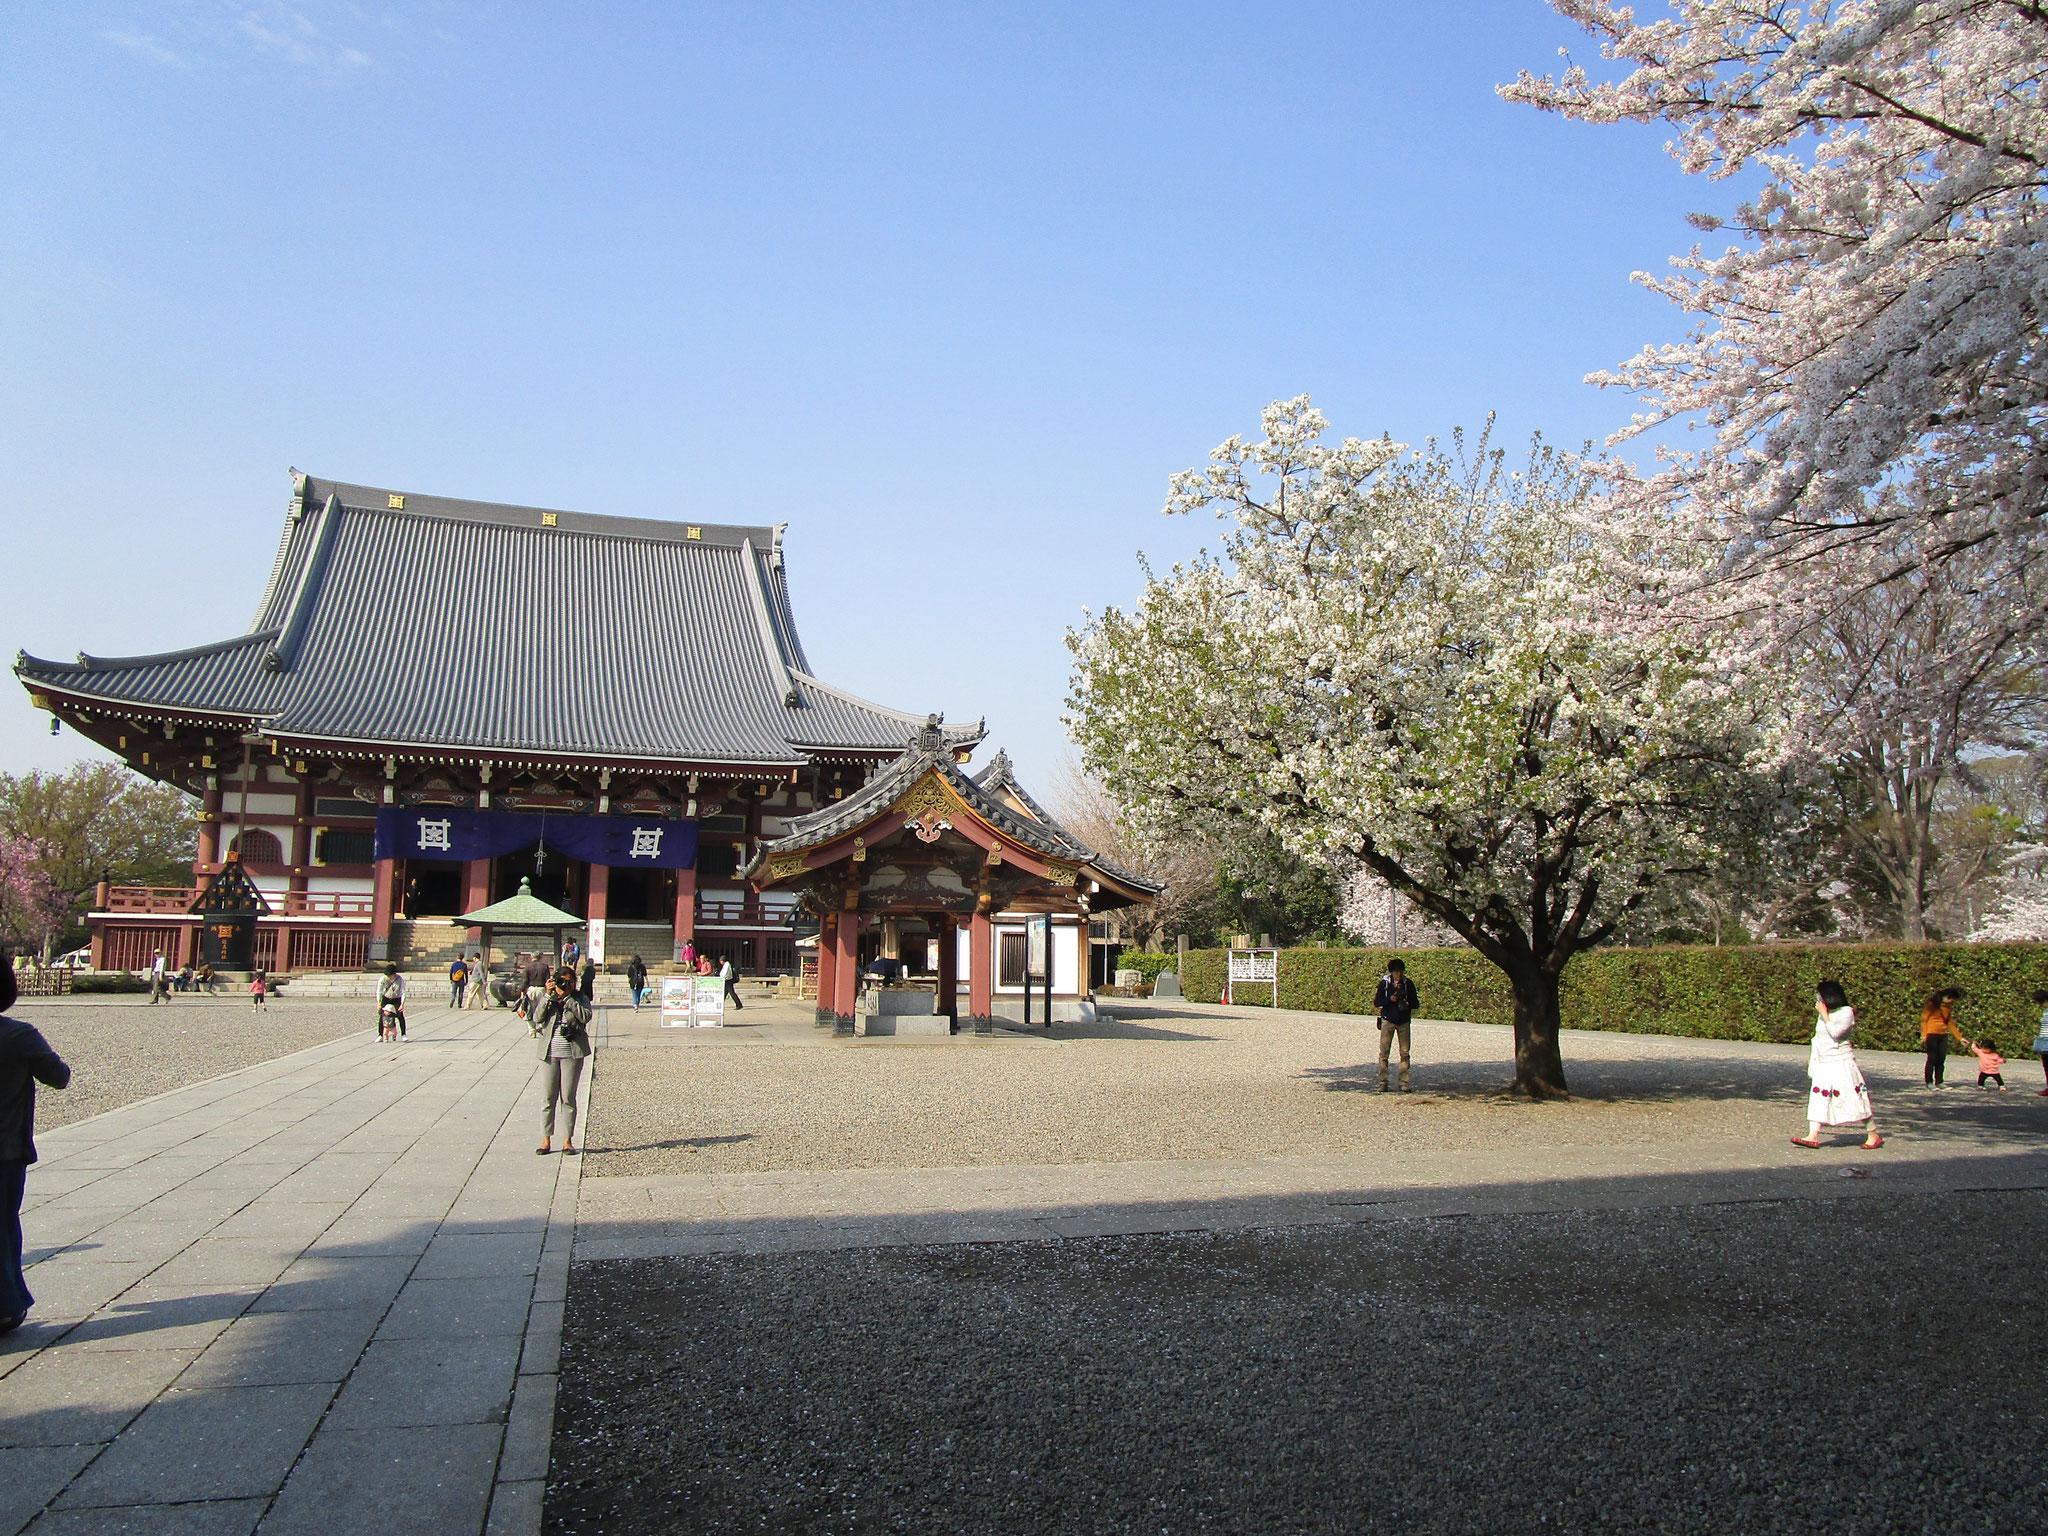 石段を上がり、仁王門を通った先の右側は桜広場です